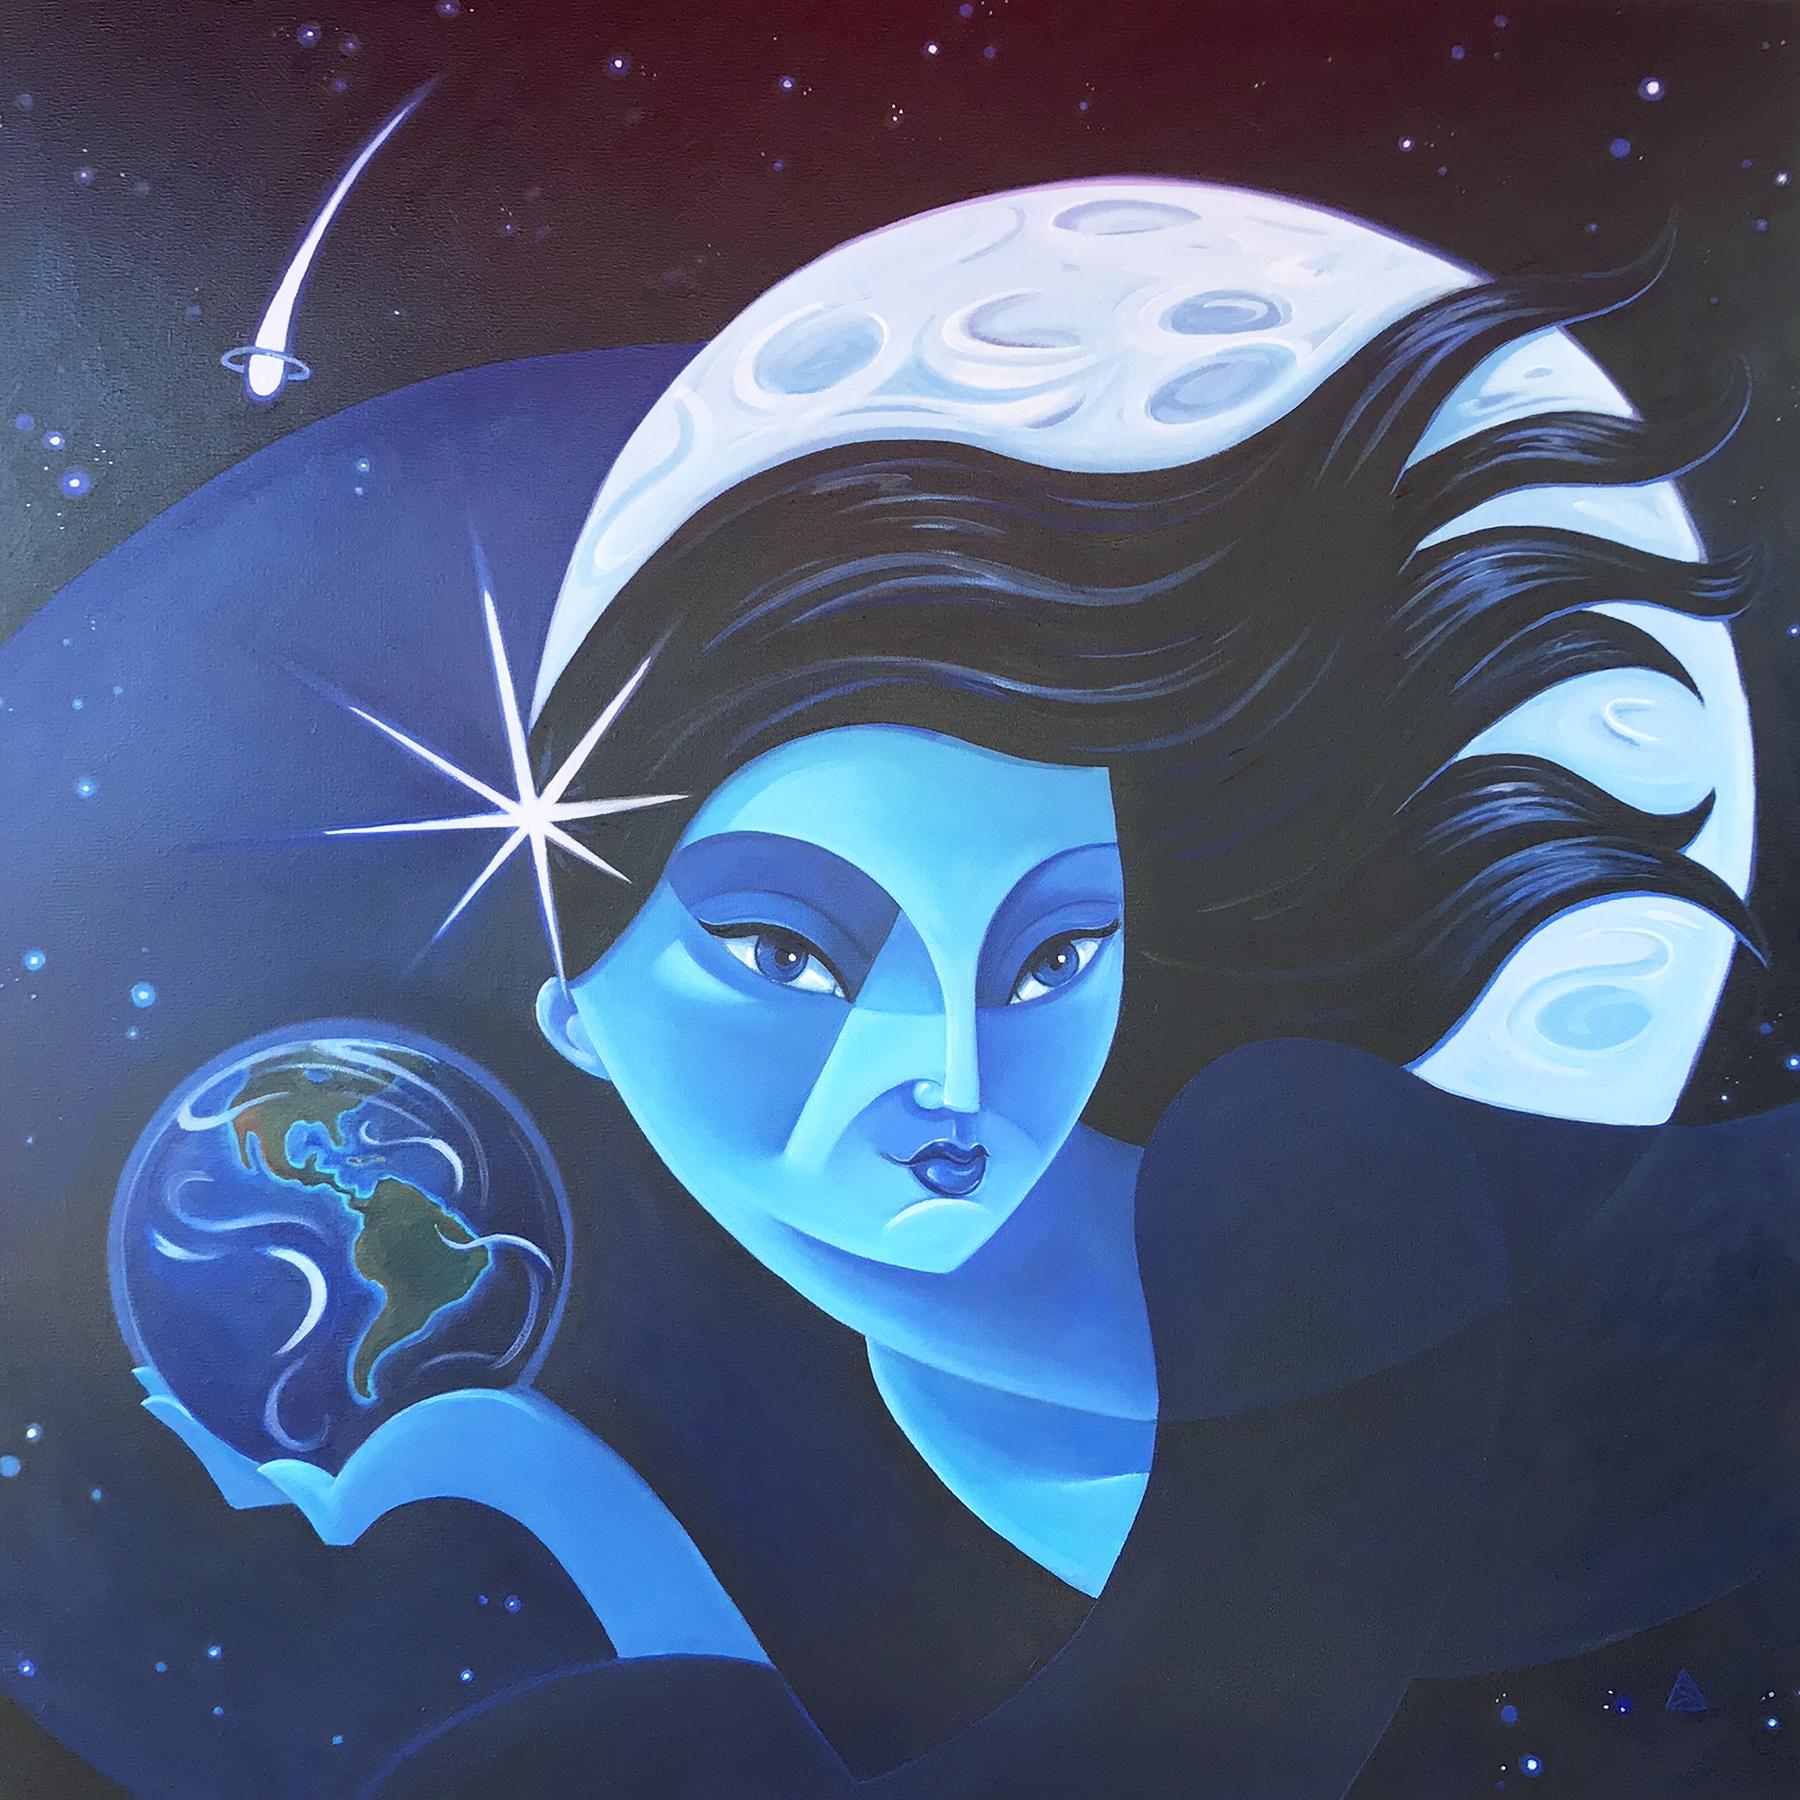 Luna, Goddess of the Night Sky